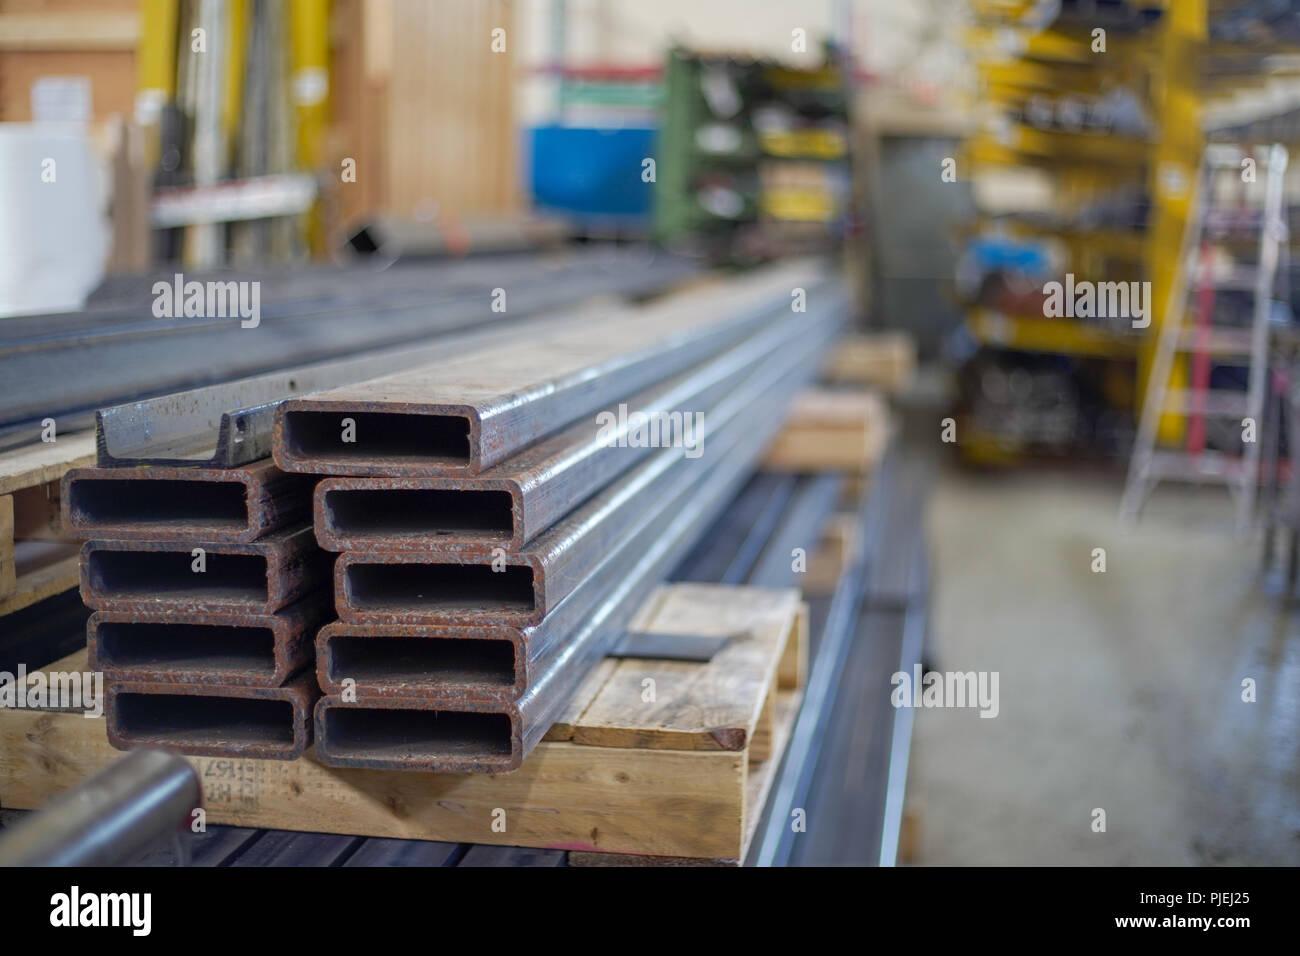 Tubos estruturais de aço empilhados sobre um skid, com racks de armazenamento de material e de fabrico em segundo plano Imagens de Stock